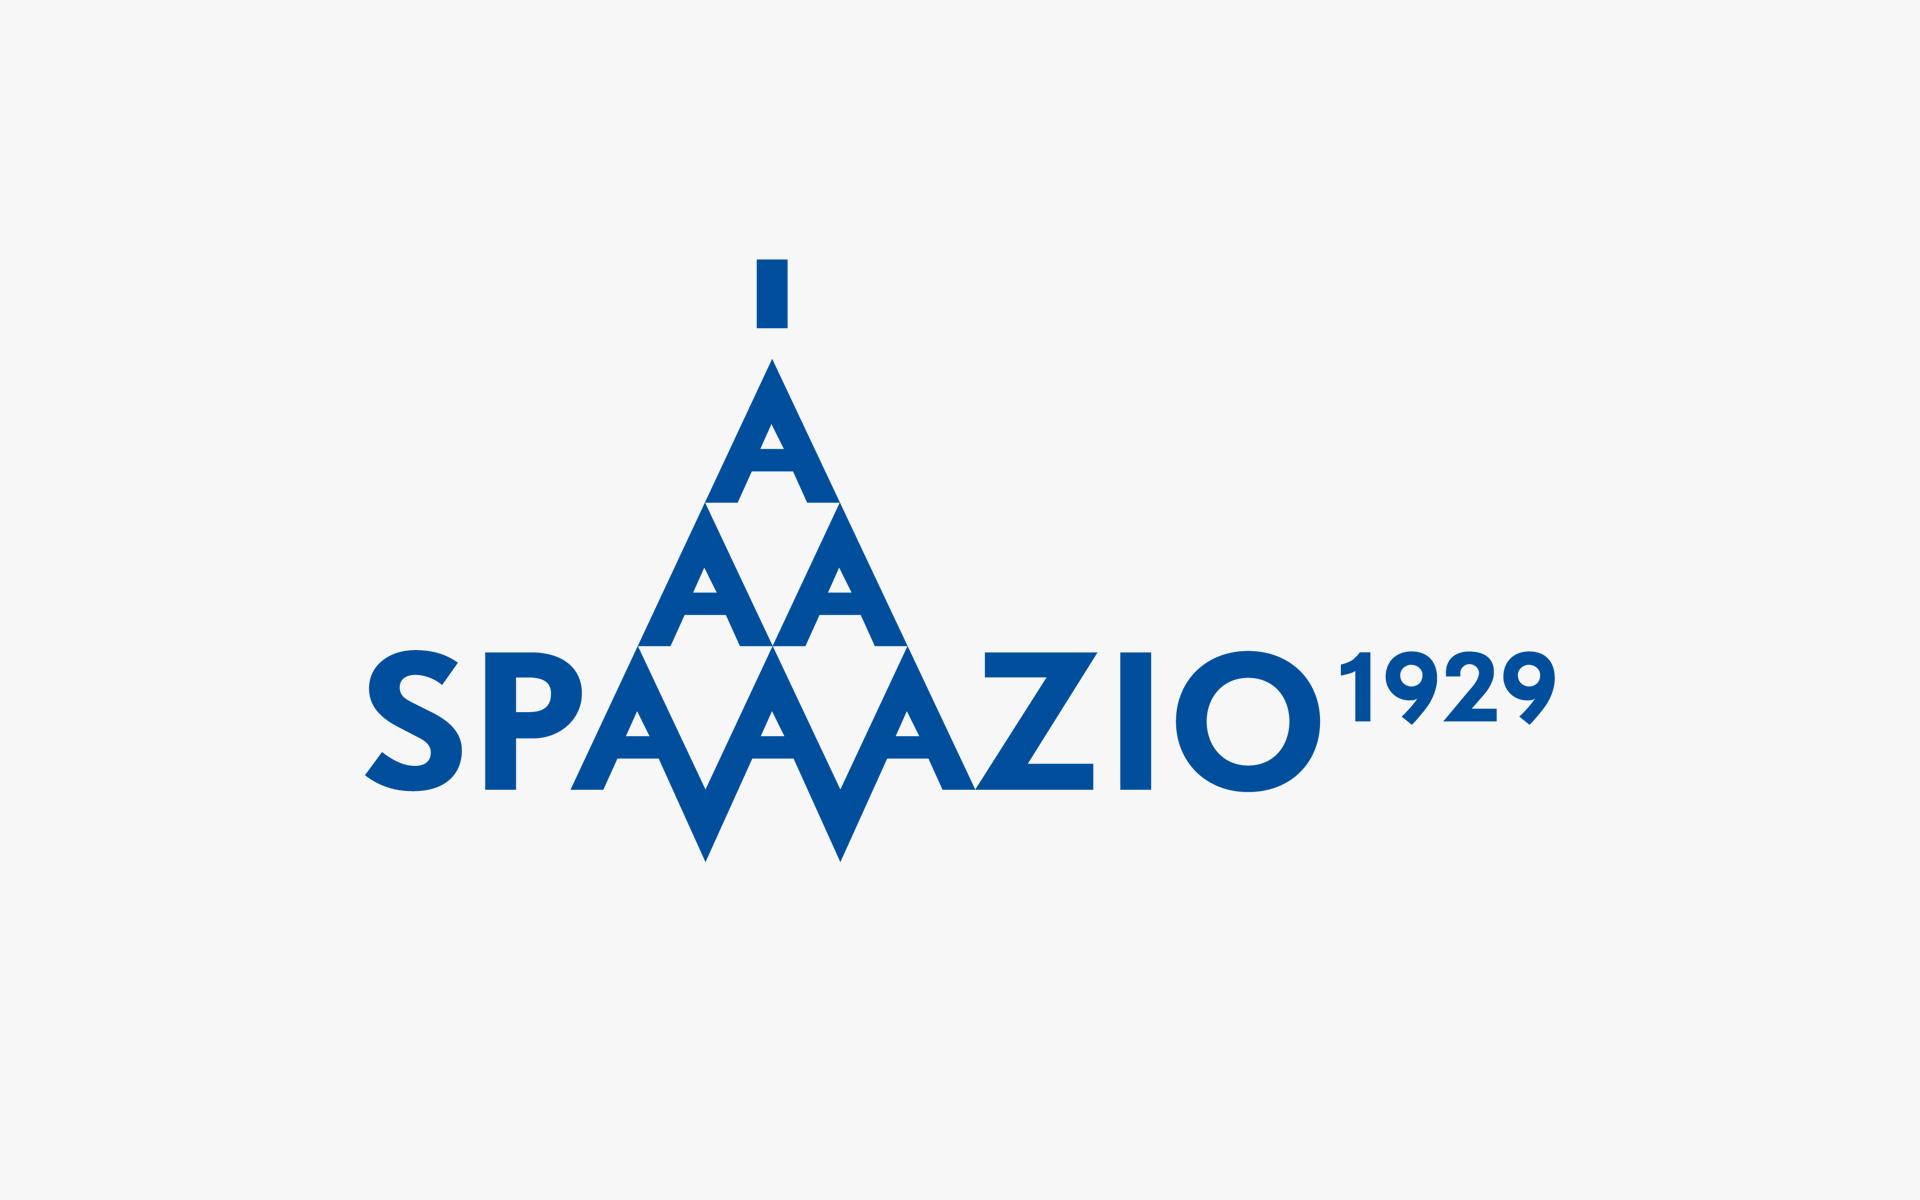 spazio1929_logo